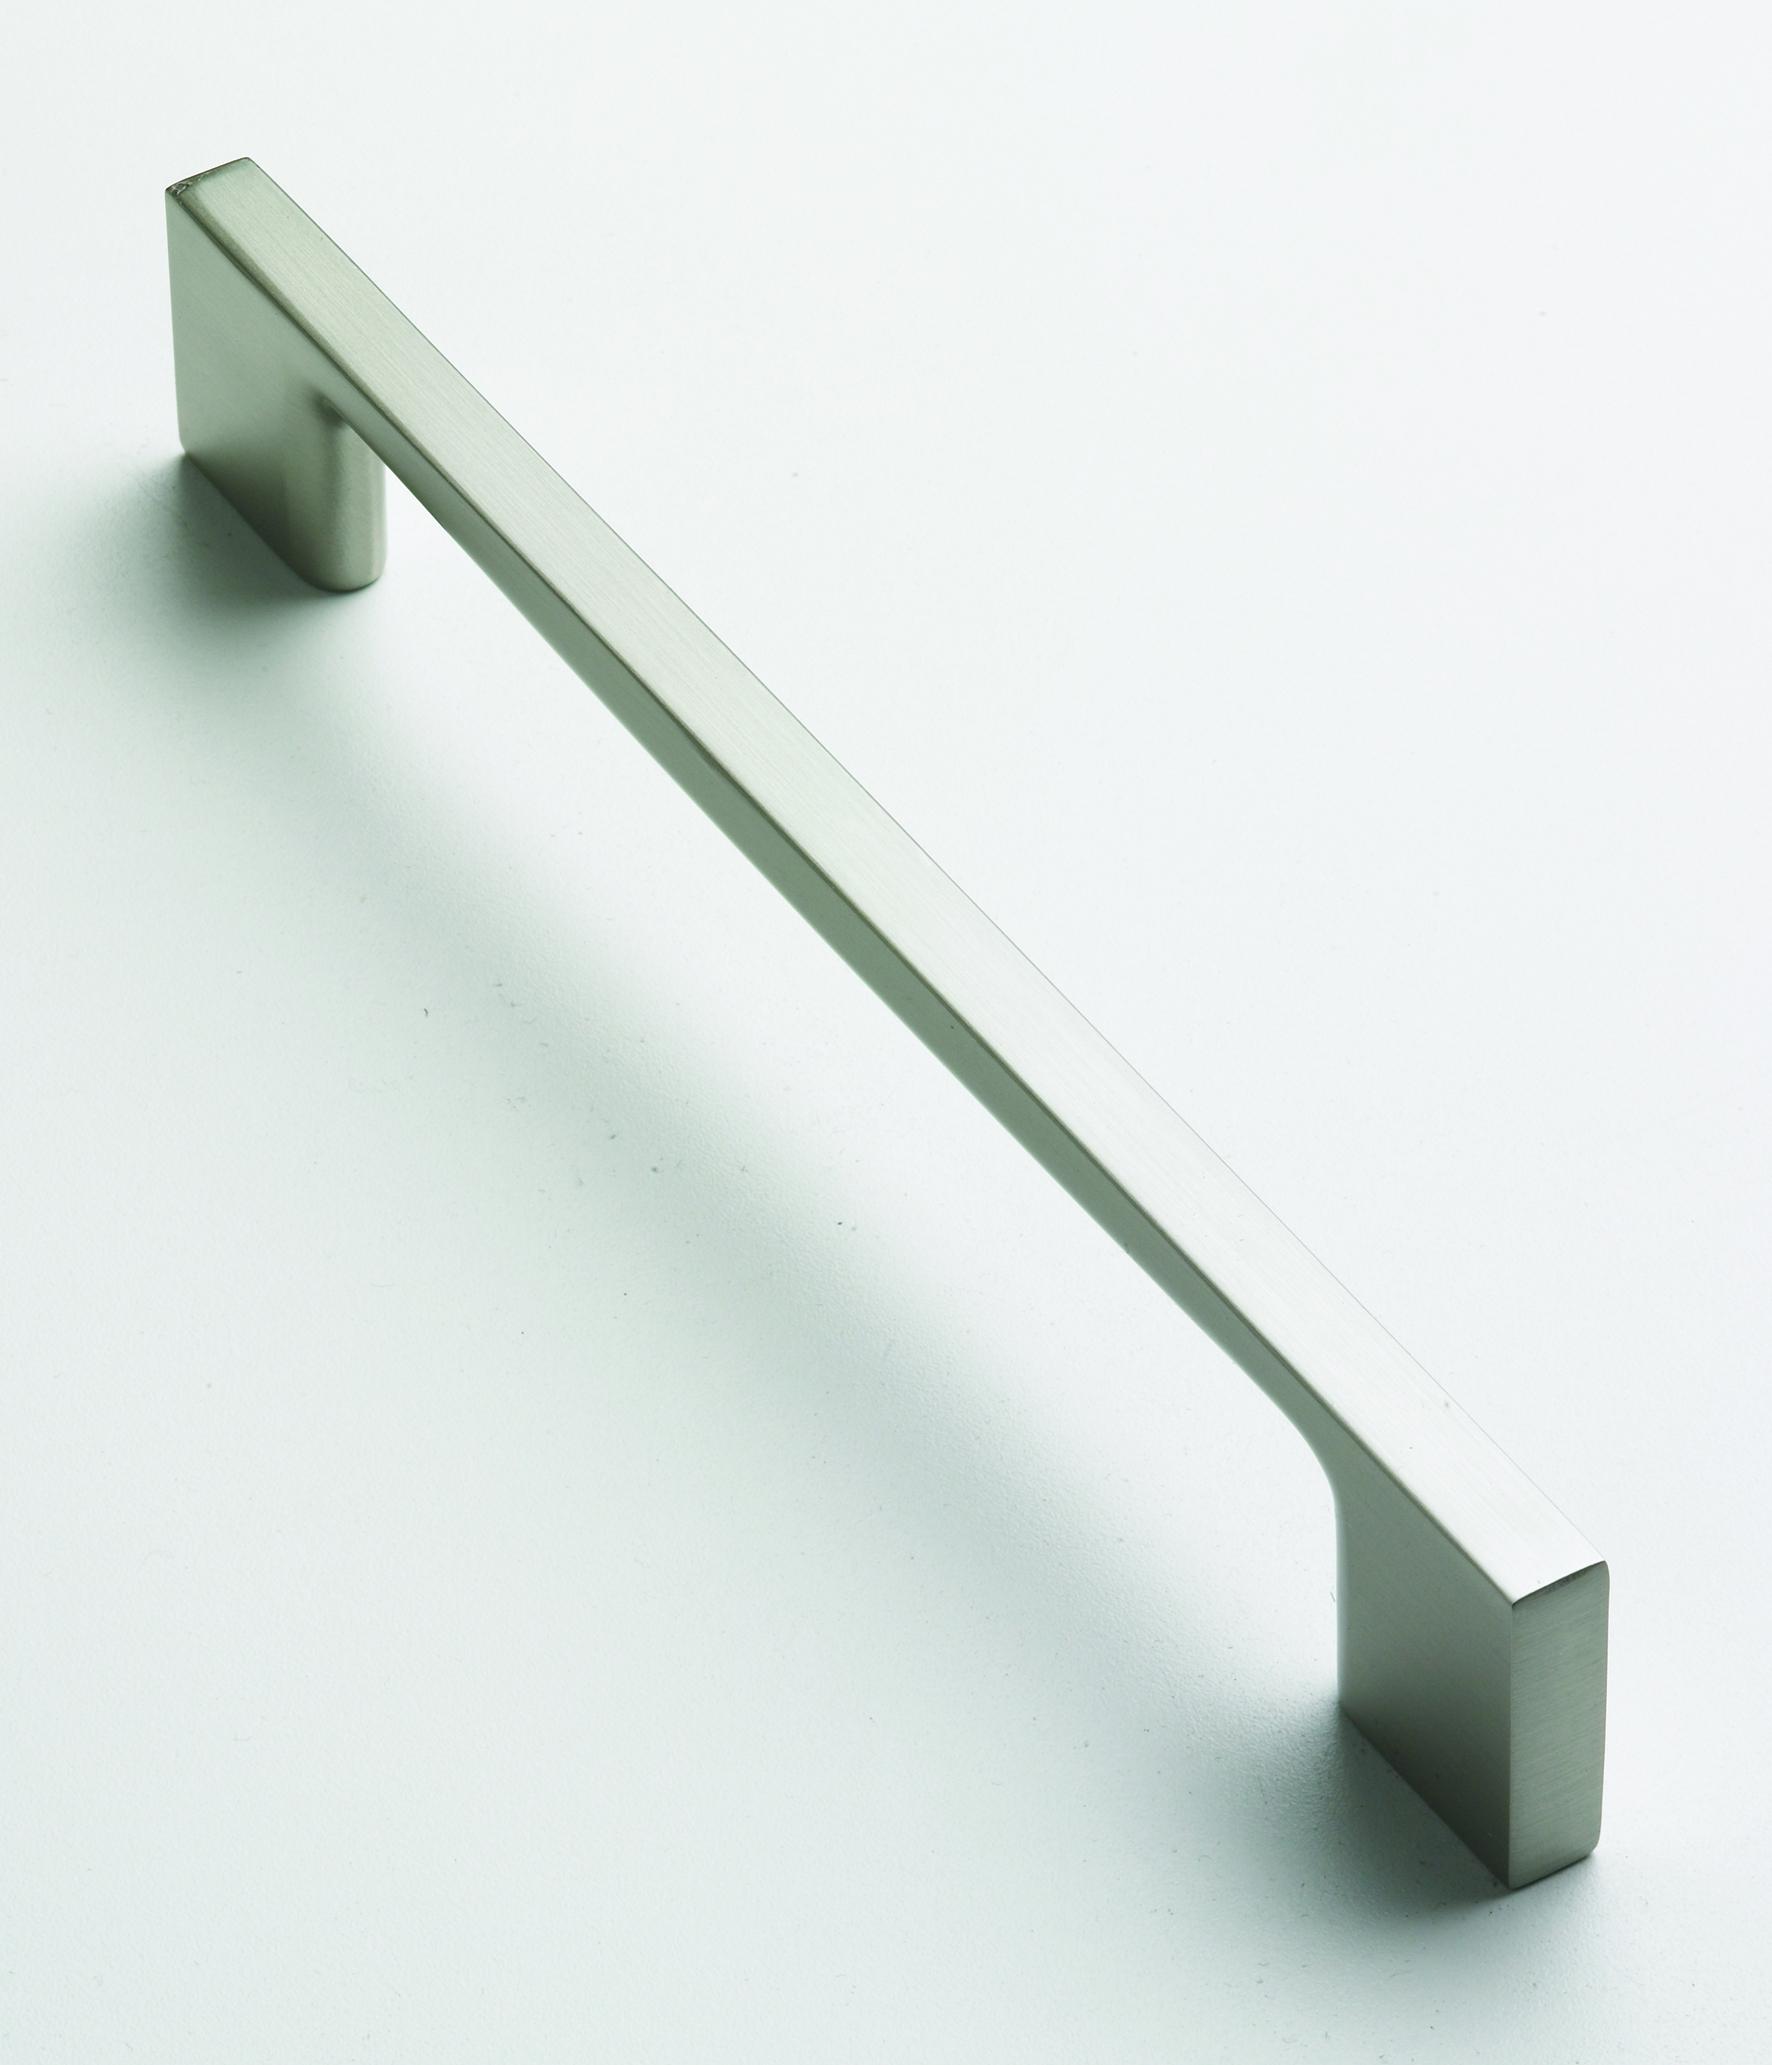 Slim Bar Handle - Stainless Steel